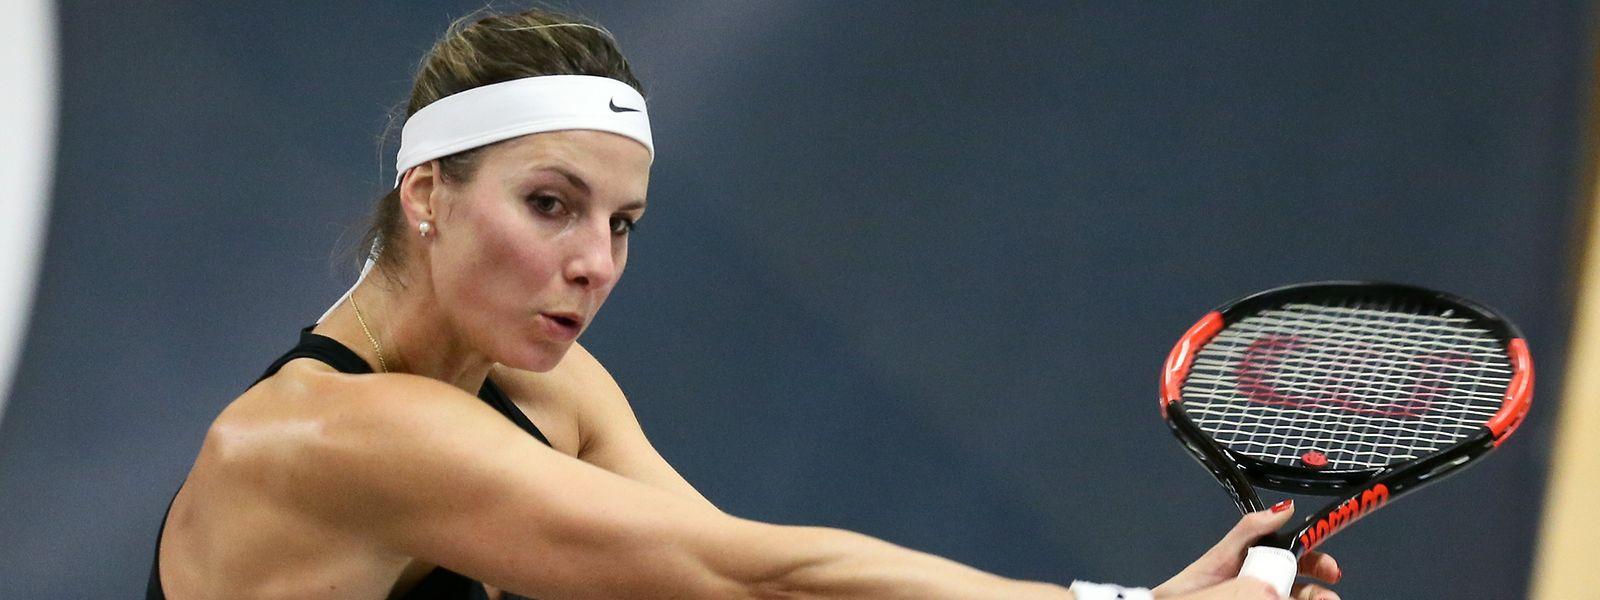 Mandy Minella steht aktuell auf Rang 103 der Weltrangliste.